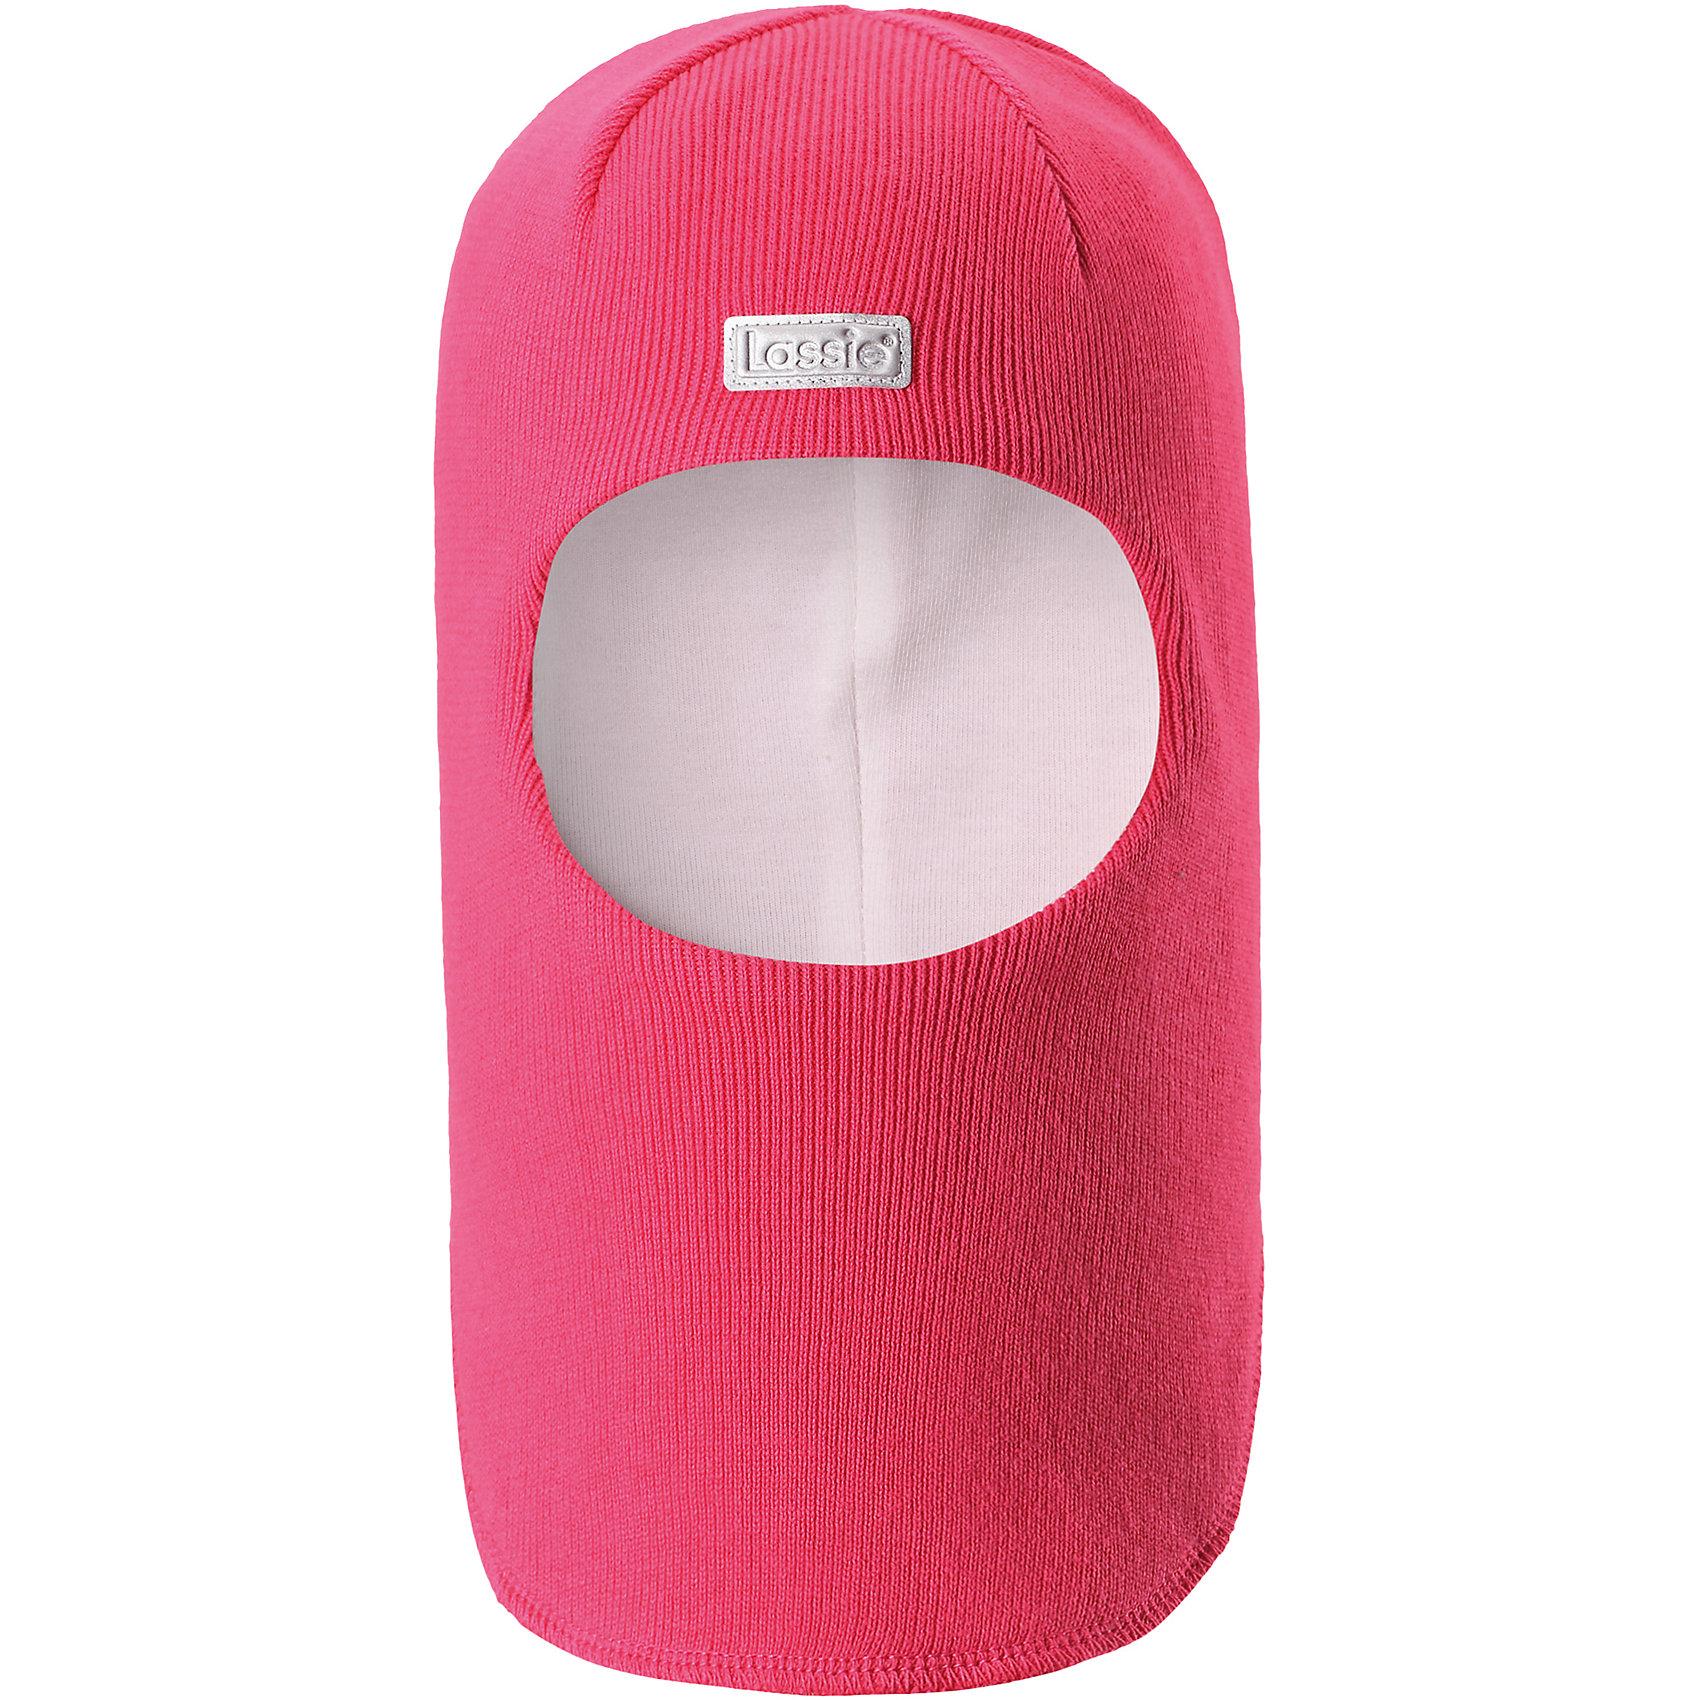 Шапка-шлем LASSIEШапки и шарфы<br>Характеристики товара:<br><br>• цвет: розовый<br>• температурный режим: от +10°до 0°С<br>• состав: 100% хлопок<br>• эластичный материал<br>• эмблема<br>• подкладка: смесь хлопка jersey<br>• ветронепроницаемые вставки в области ушей<br>• комфортная посадка<br>• страна производства: Китай<br>• страна бренда: Финляндия<br>• коллекция: весна-лето 2017<br><br>Детский головной убор может быть модным и удобным одновременно! Стильная шапка поможет обеспечить ребенку комфорт и дополнить наряд. Она отлично смотрится с различной одеждой. Шапка удобно сидит и очень модно выглядит. Продуманный крой разрабатывался специально для детей.<br><br>Обувь и одежда от финского бренда LASSIE пользуются популярностью во многих странах. Они стильные, качественные и удобные. Для производства продукции используются только безопасные, проверенные материалы и фурнитура. Порадуйте ребенка модными и красивыми вещами от Lassie®! <br><br>Шапку-шлем от финского бренда LASSIE можно купить в нашем интернет-магазине.<br><br>Ширина мм: 89<br>Глубина мм: 117<br>Высота мм: 44<br>Вес г: 155<br>Цвет: розовый<br>Возраст от месяцев: 72<br>Возраст до месяцев: 120<br>Пол: Женский<br>Возраст: Детский<br>Размер: 54-56,46-48,50-52,44-46<br>SKU: 5264754